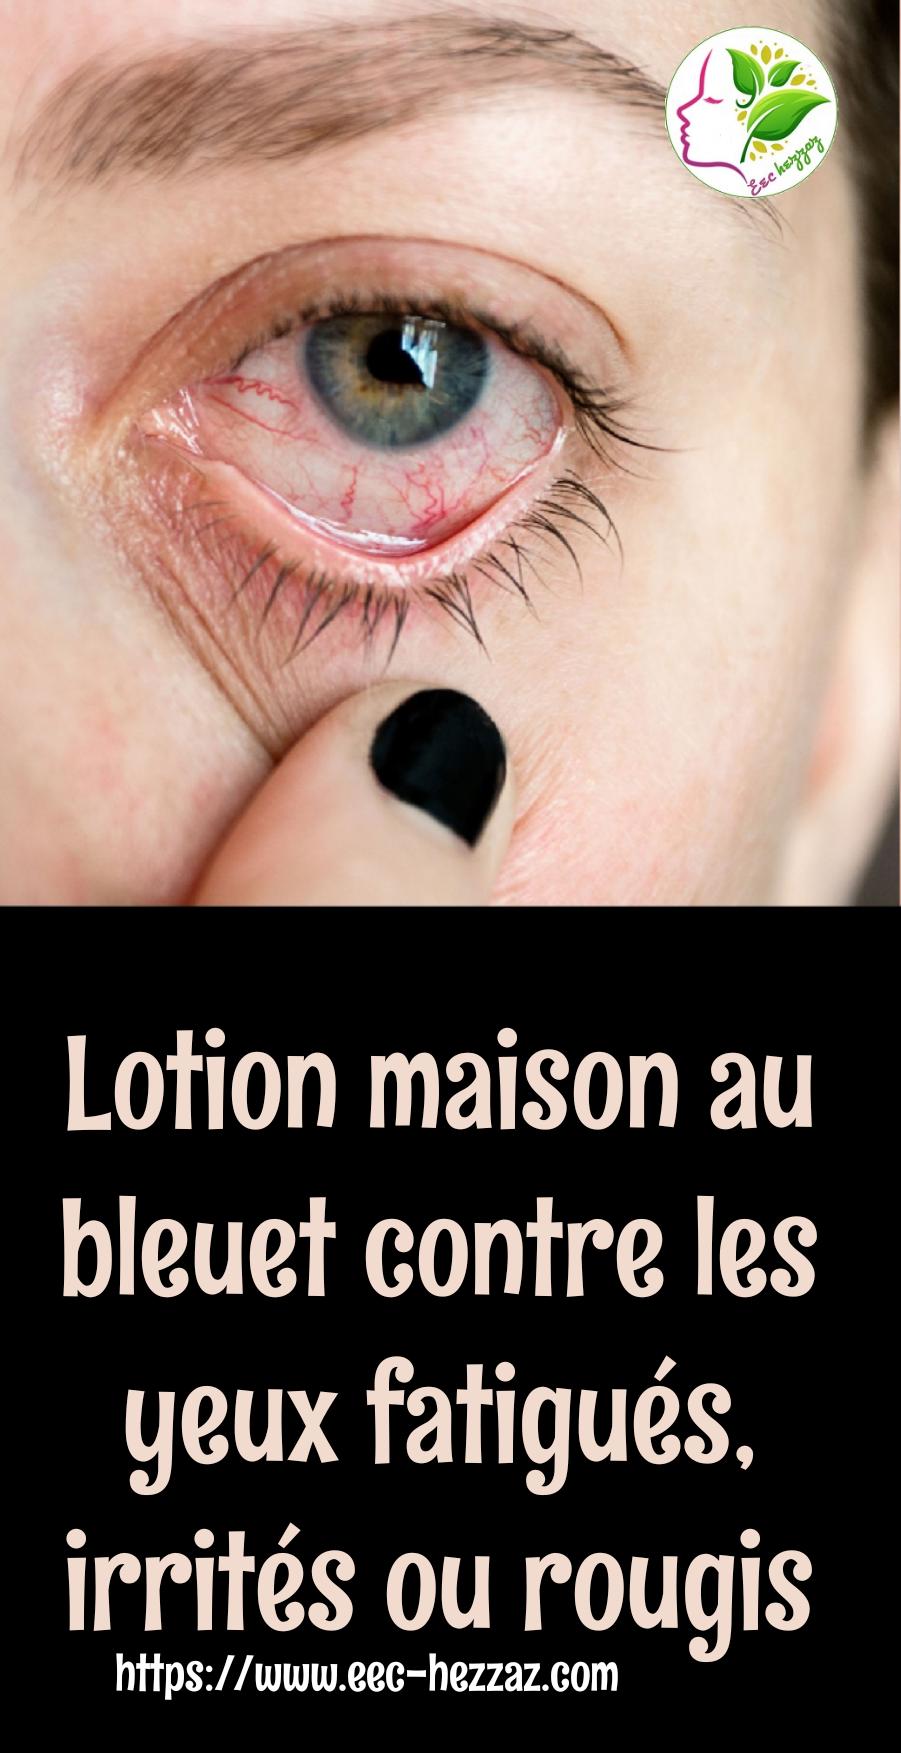 Lotion maison au bleuet contre les yeux fatigués, irrités ou rougis